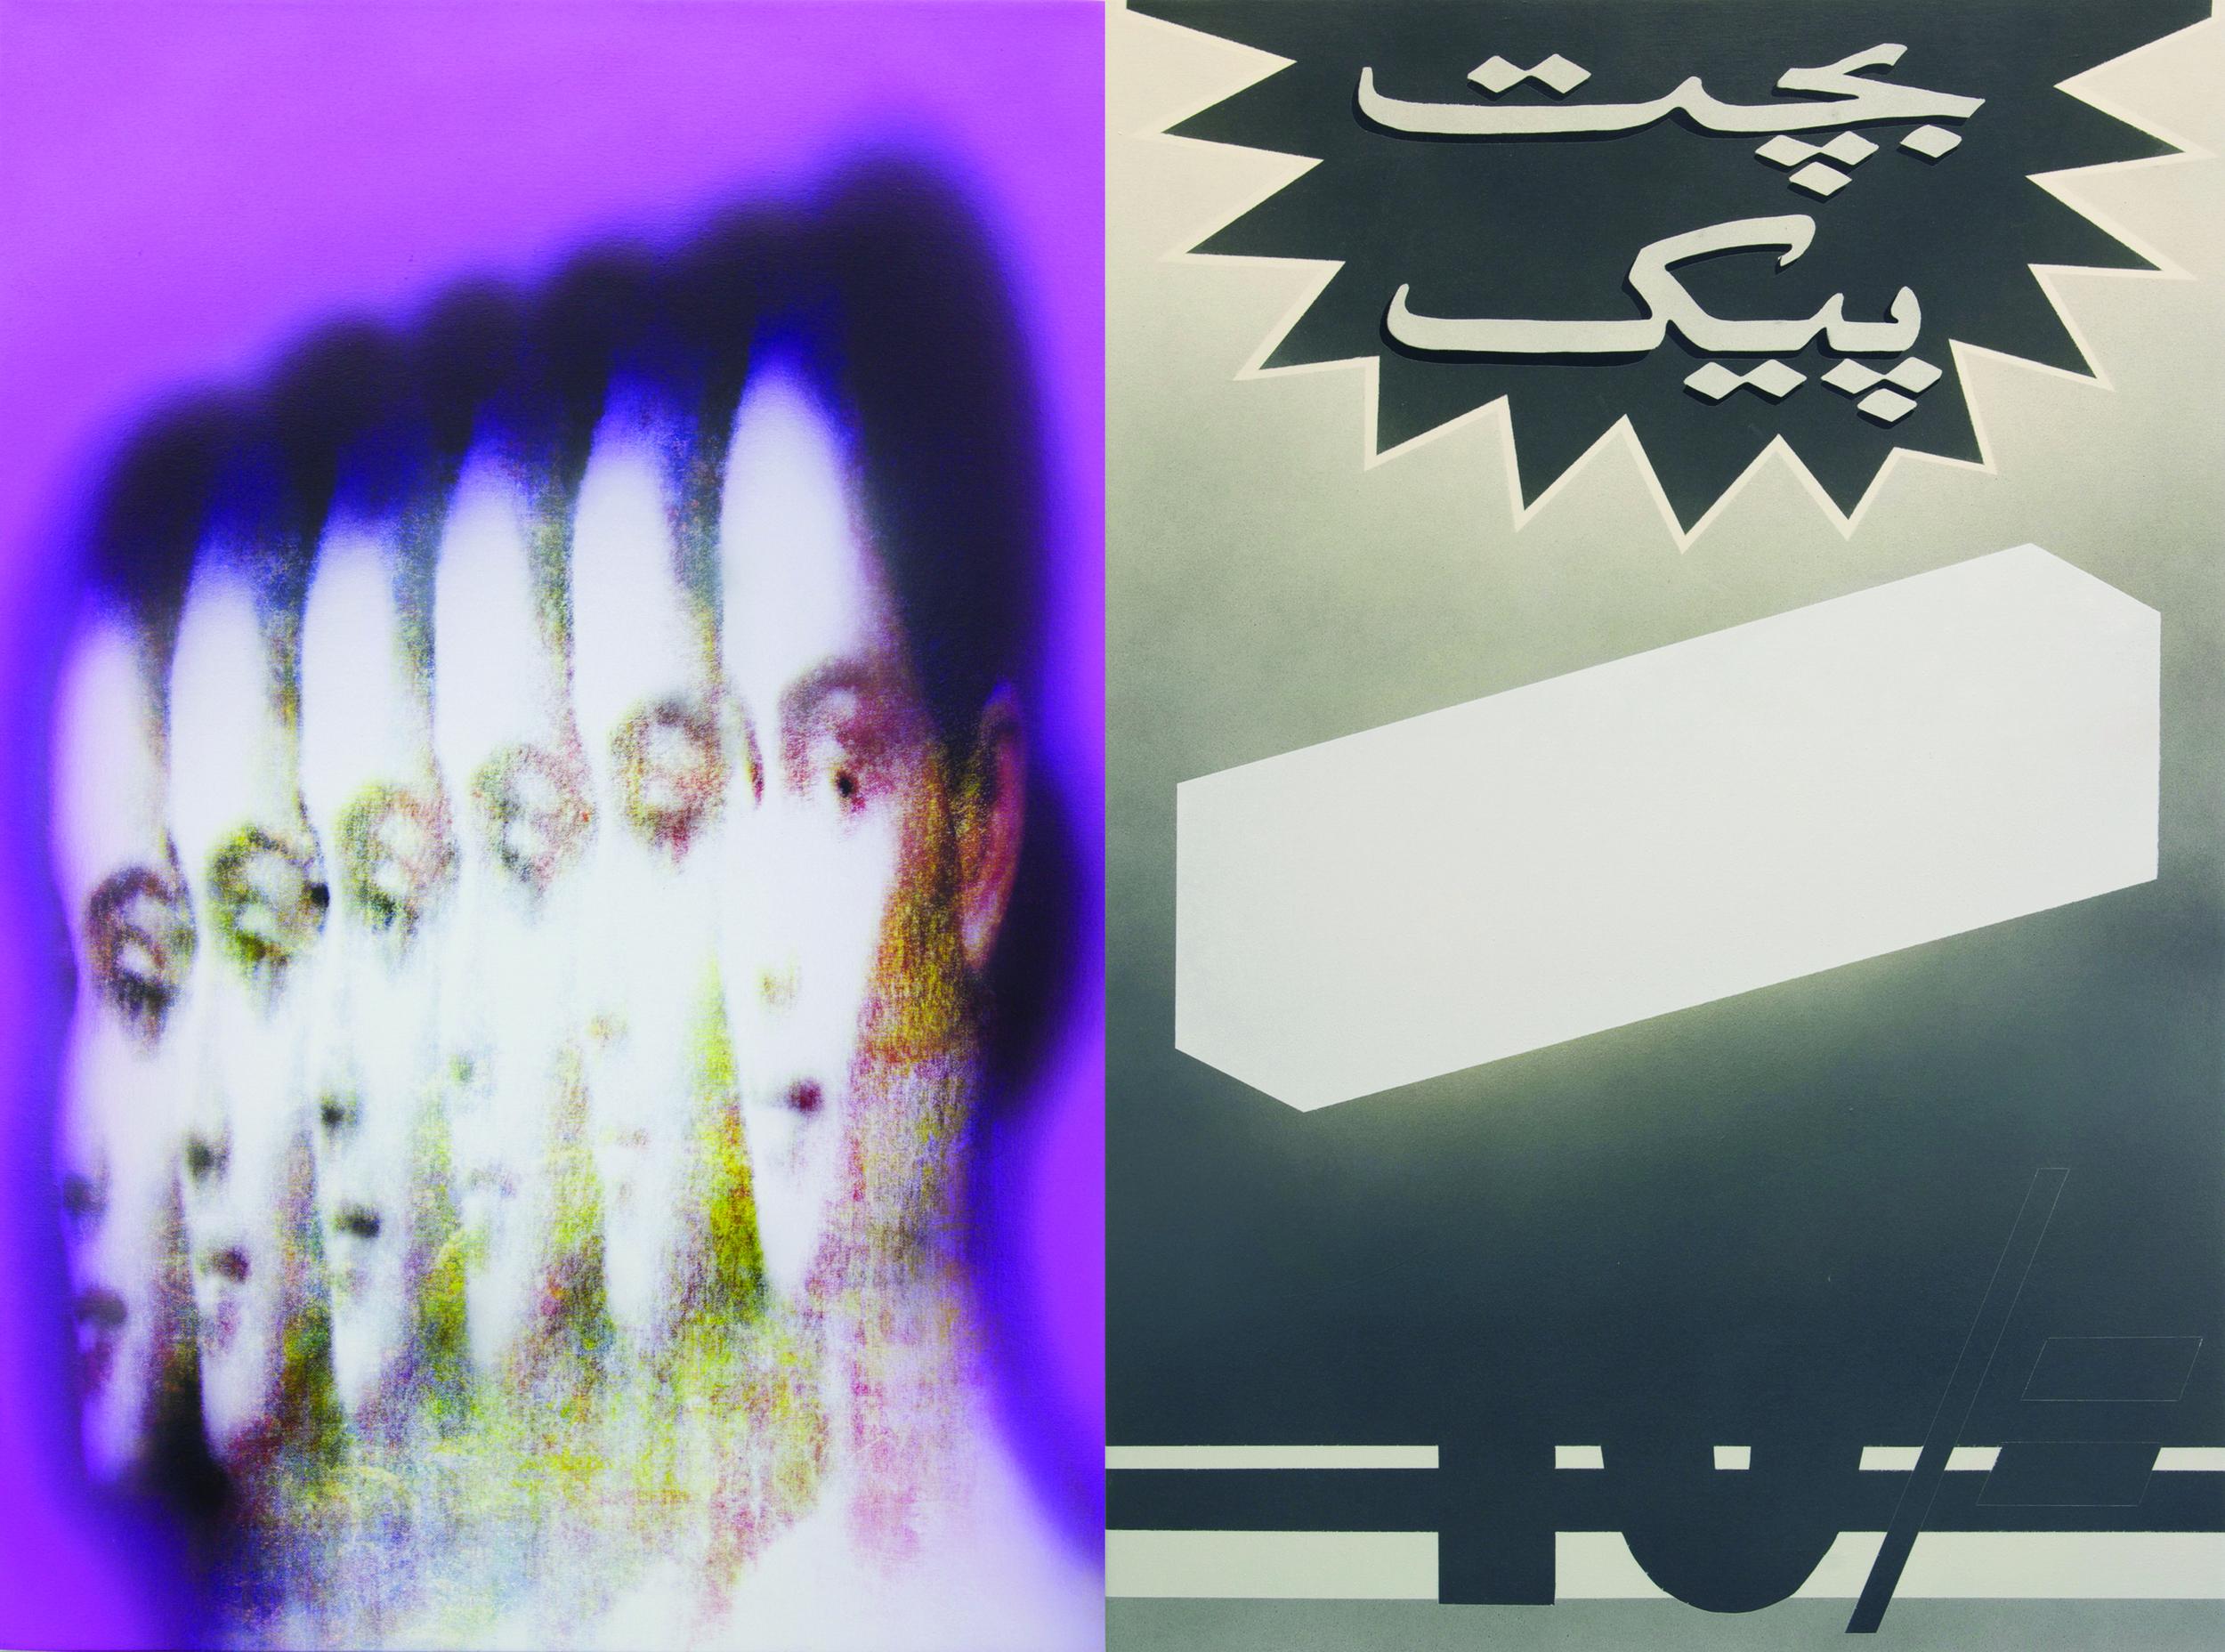 """Amna Asghar / Fair & Lovely and English / Acrylic and screen print on canvas / 40"""" x 54""""   http://www.amnaasghar.com"""